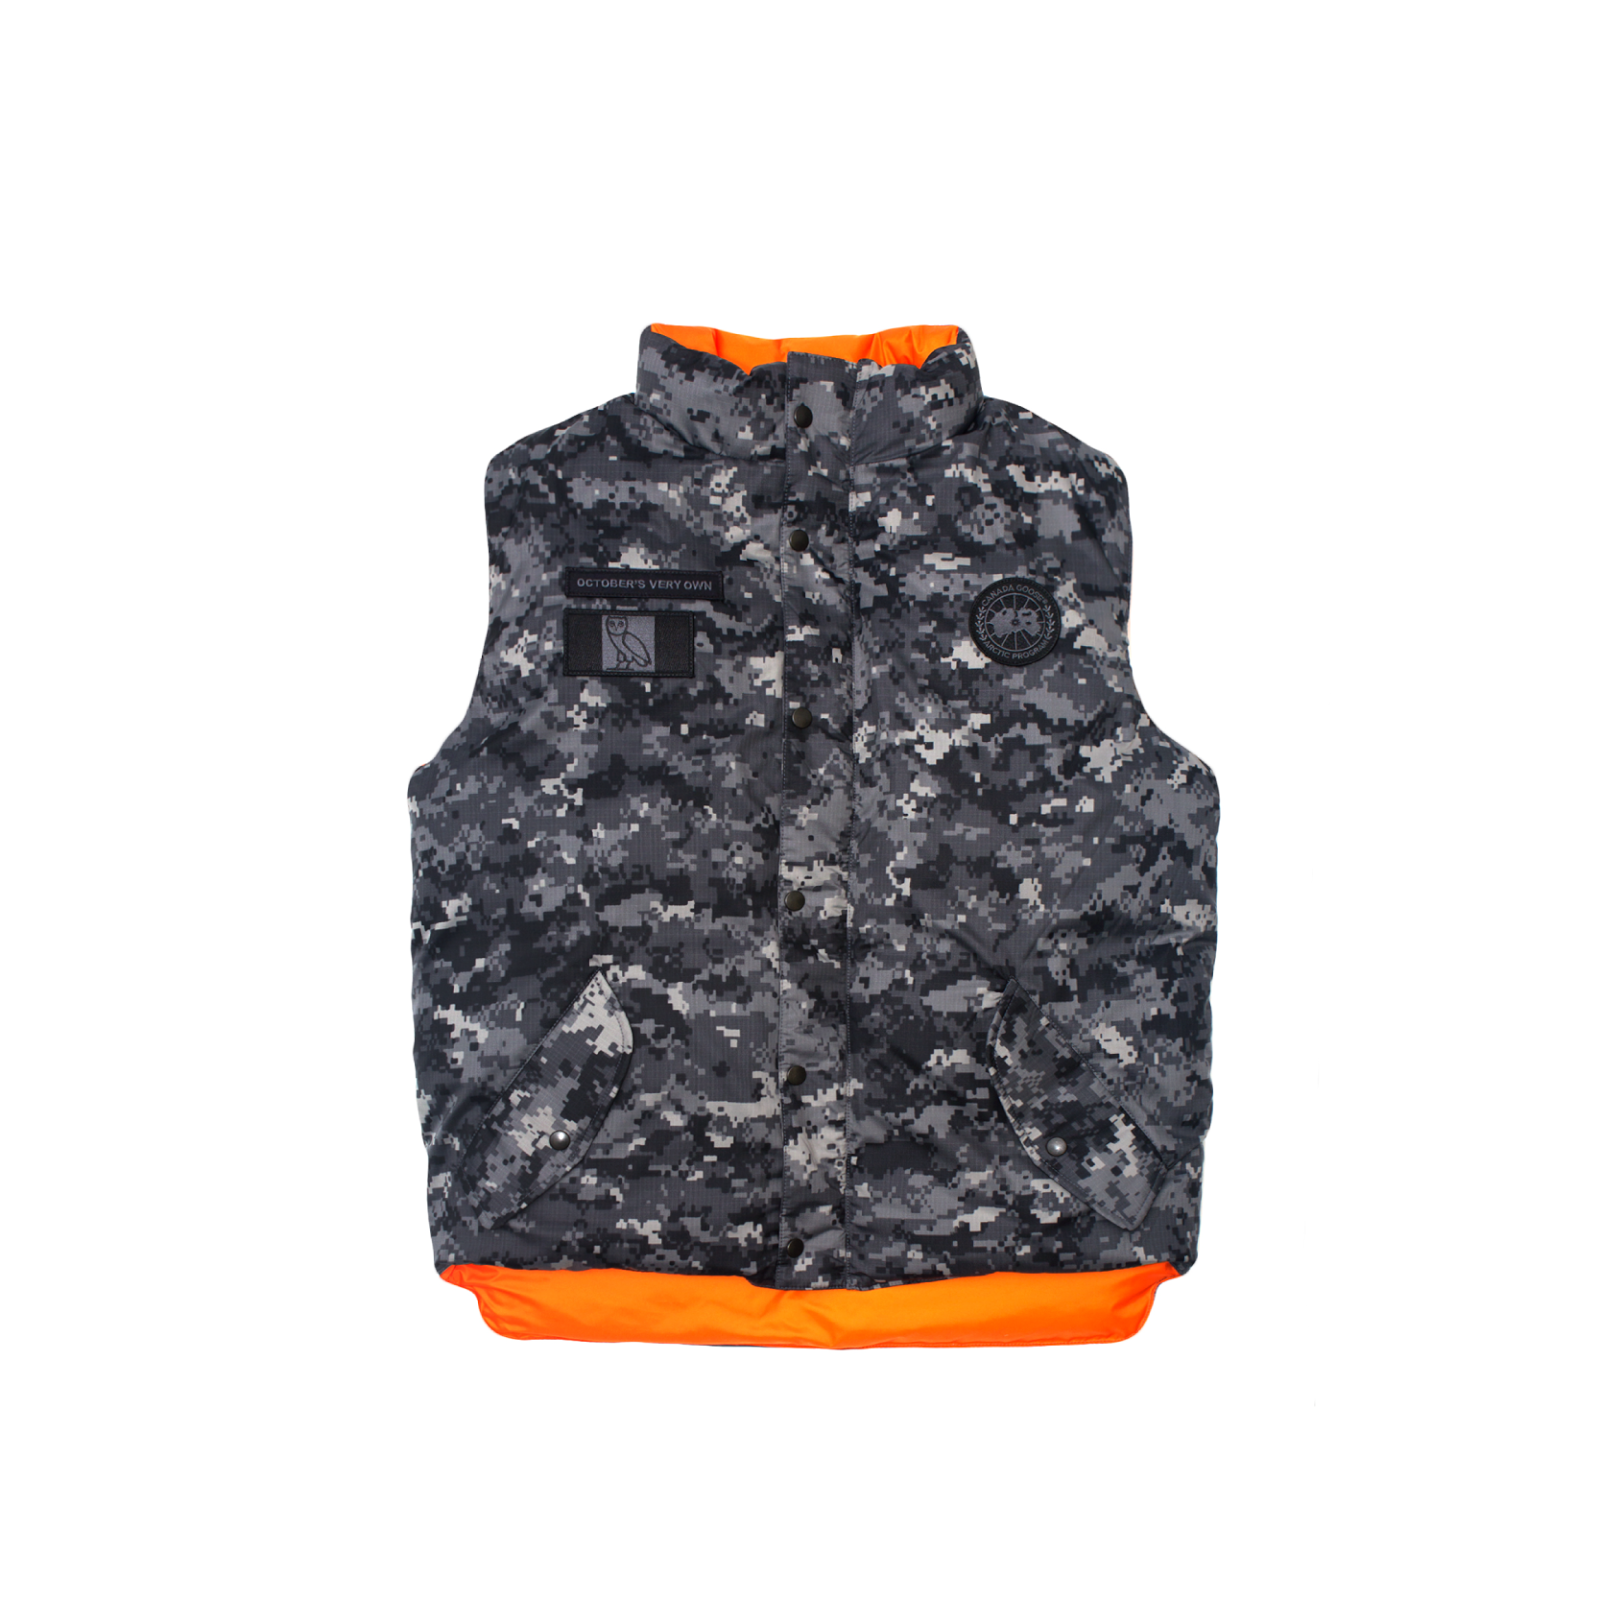 ovo canada goose jacket 2014